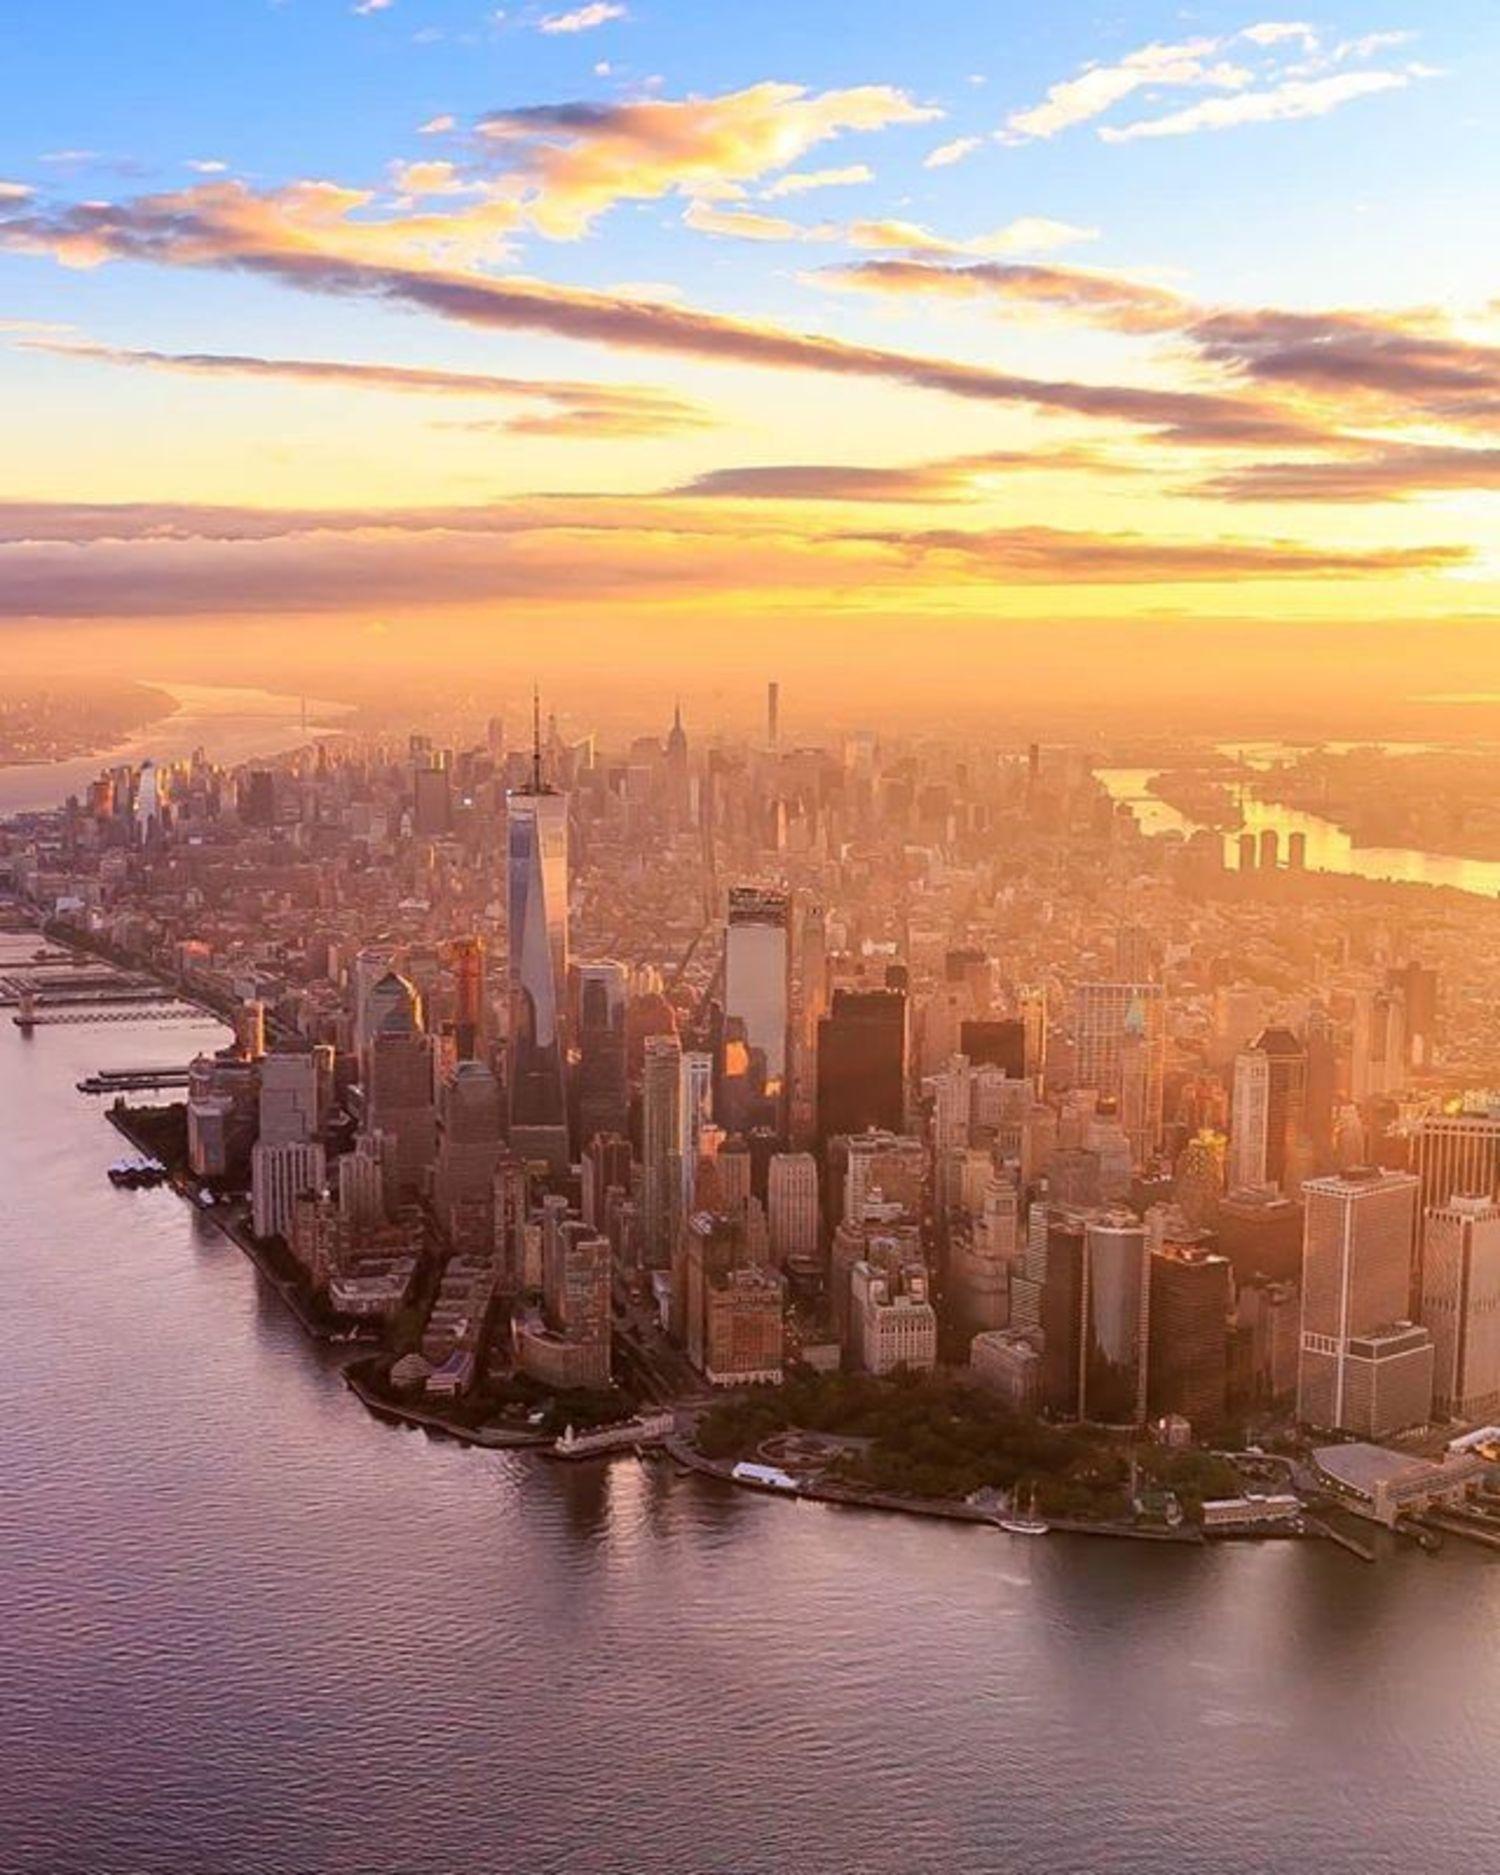 New York, New York. Photo via @killahwave #viewingnyc #newyork #newyorkcity #nyc